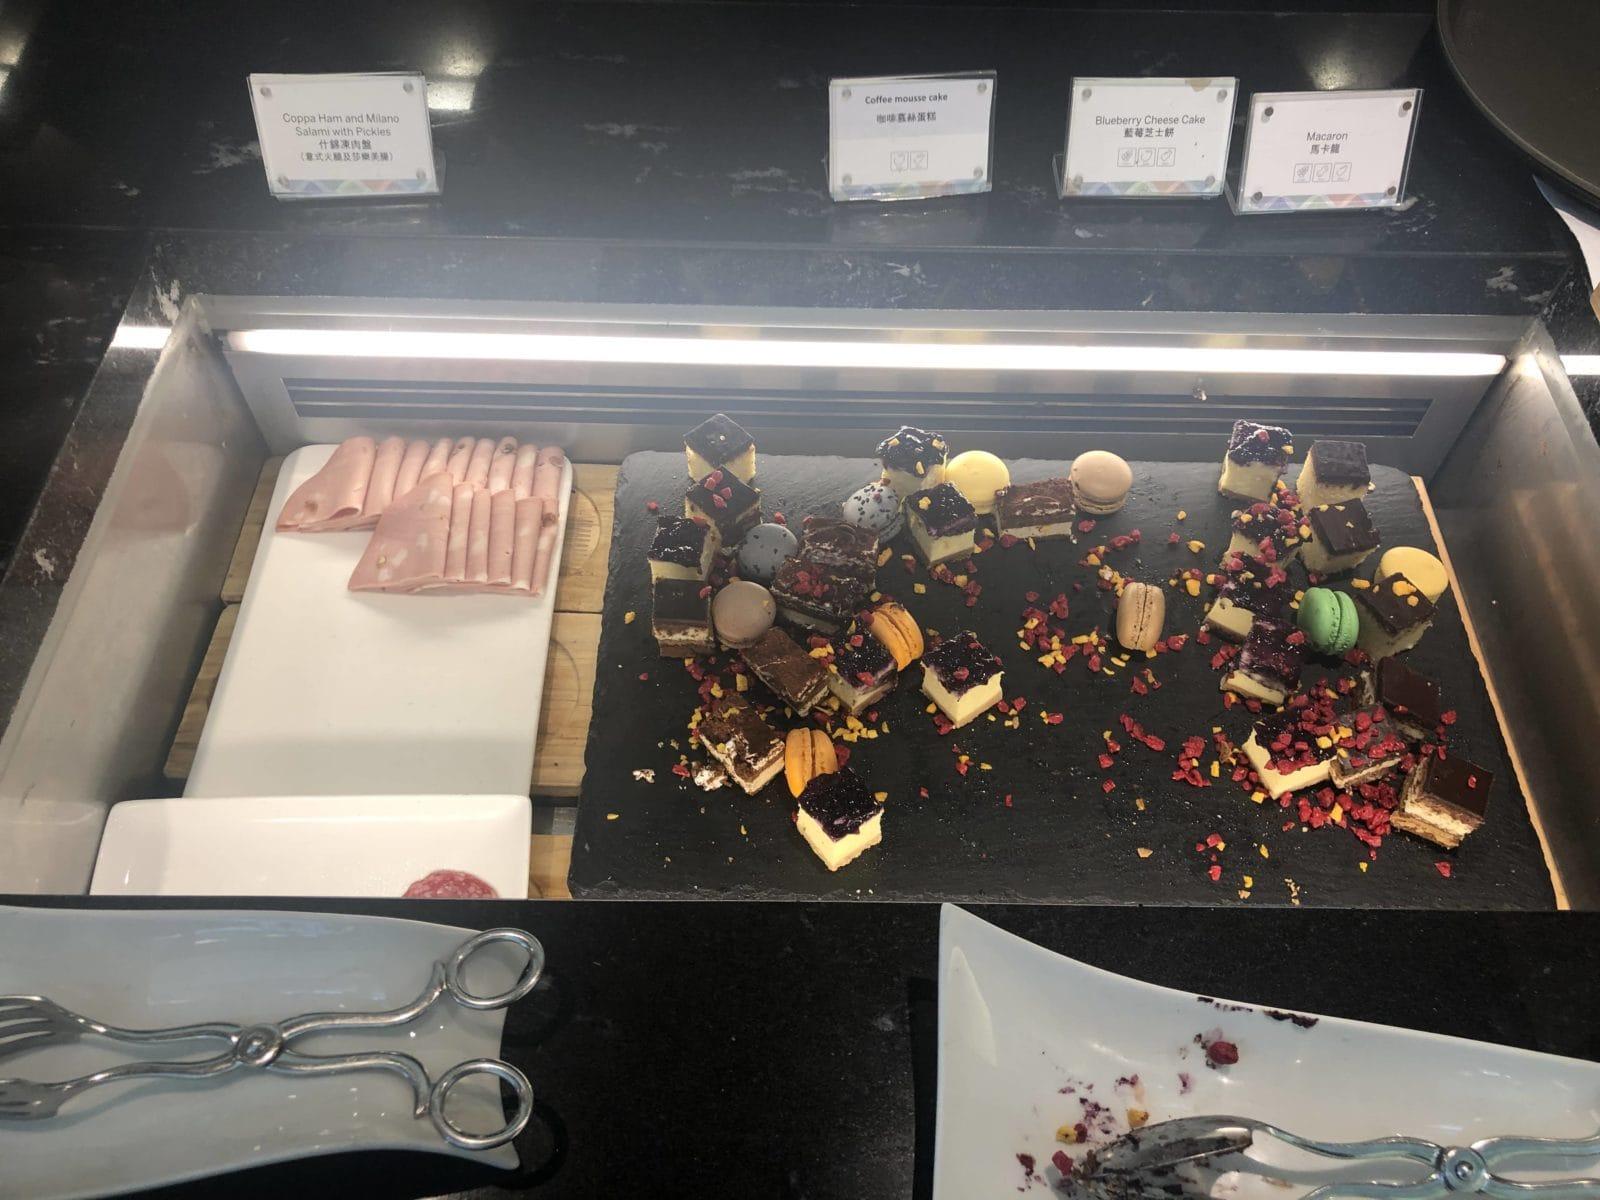 American Express Centurion Lounge Hong Kong Sweets und Aufschnitt